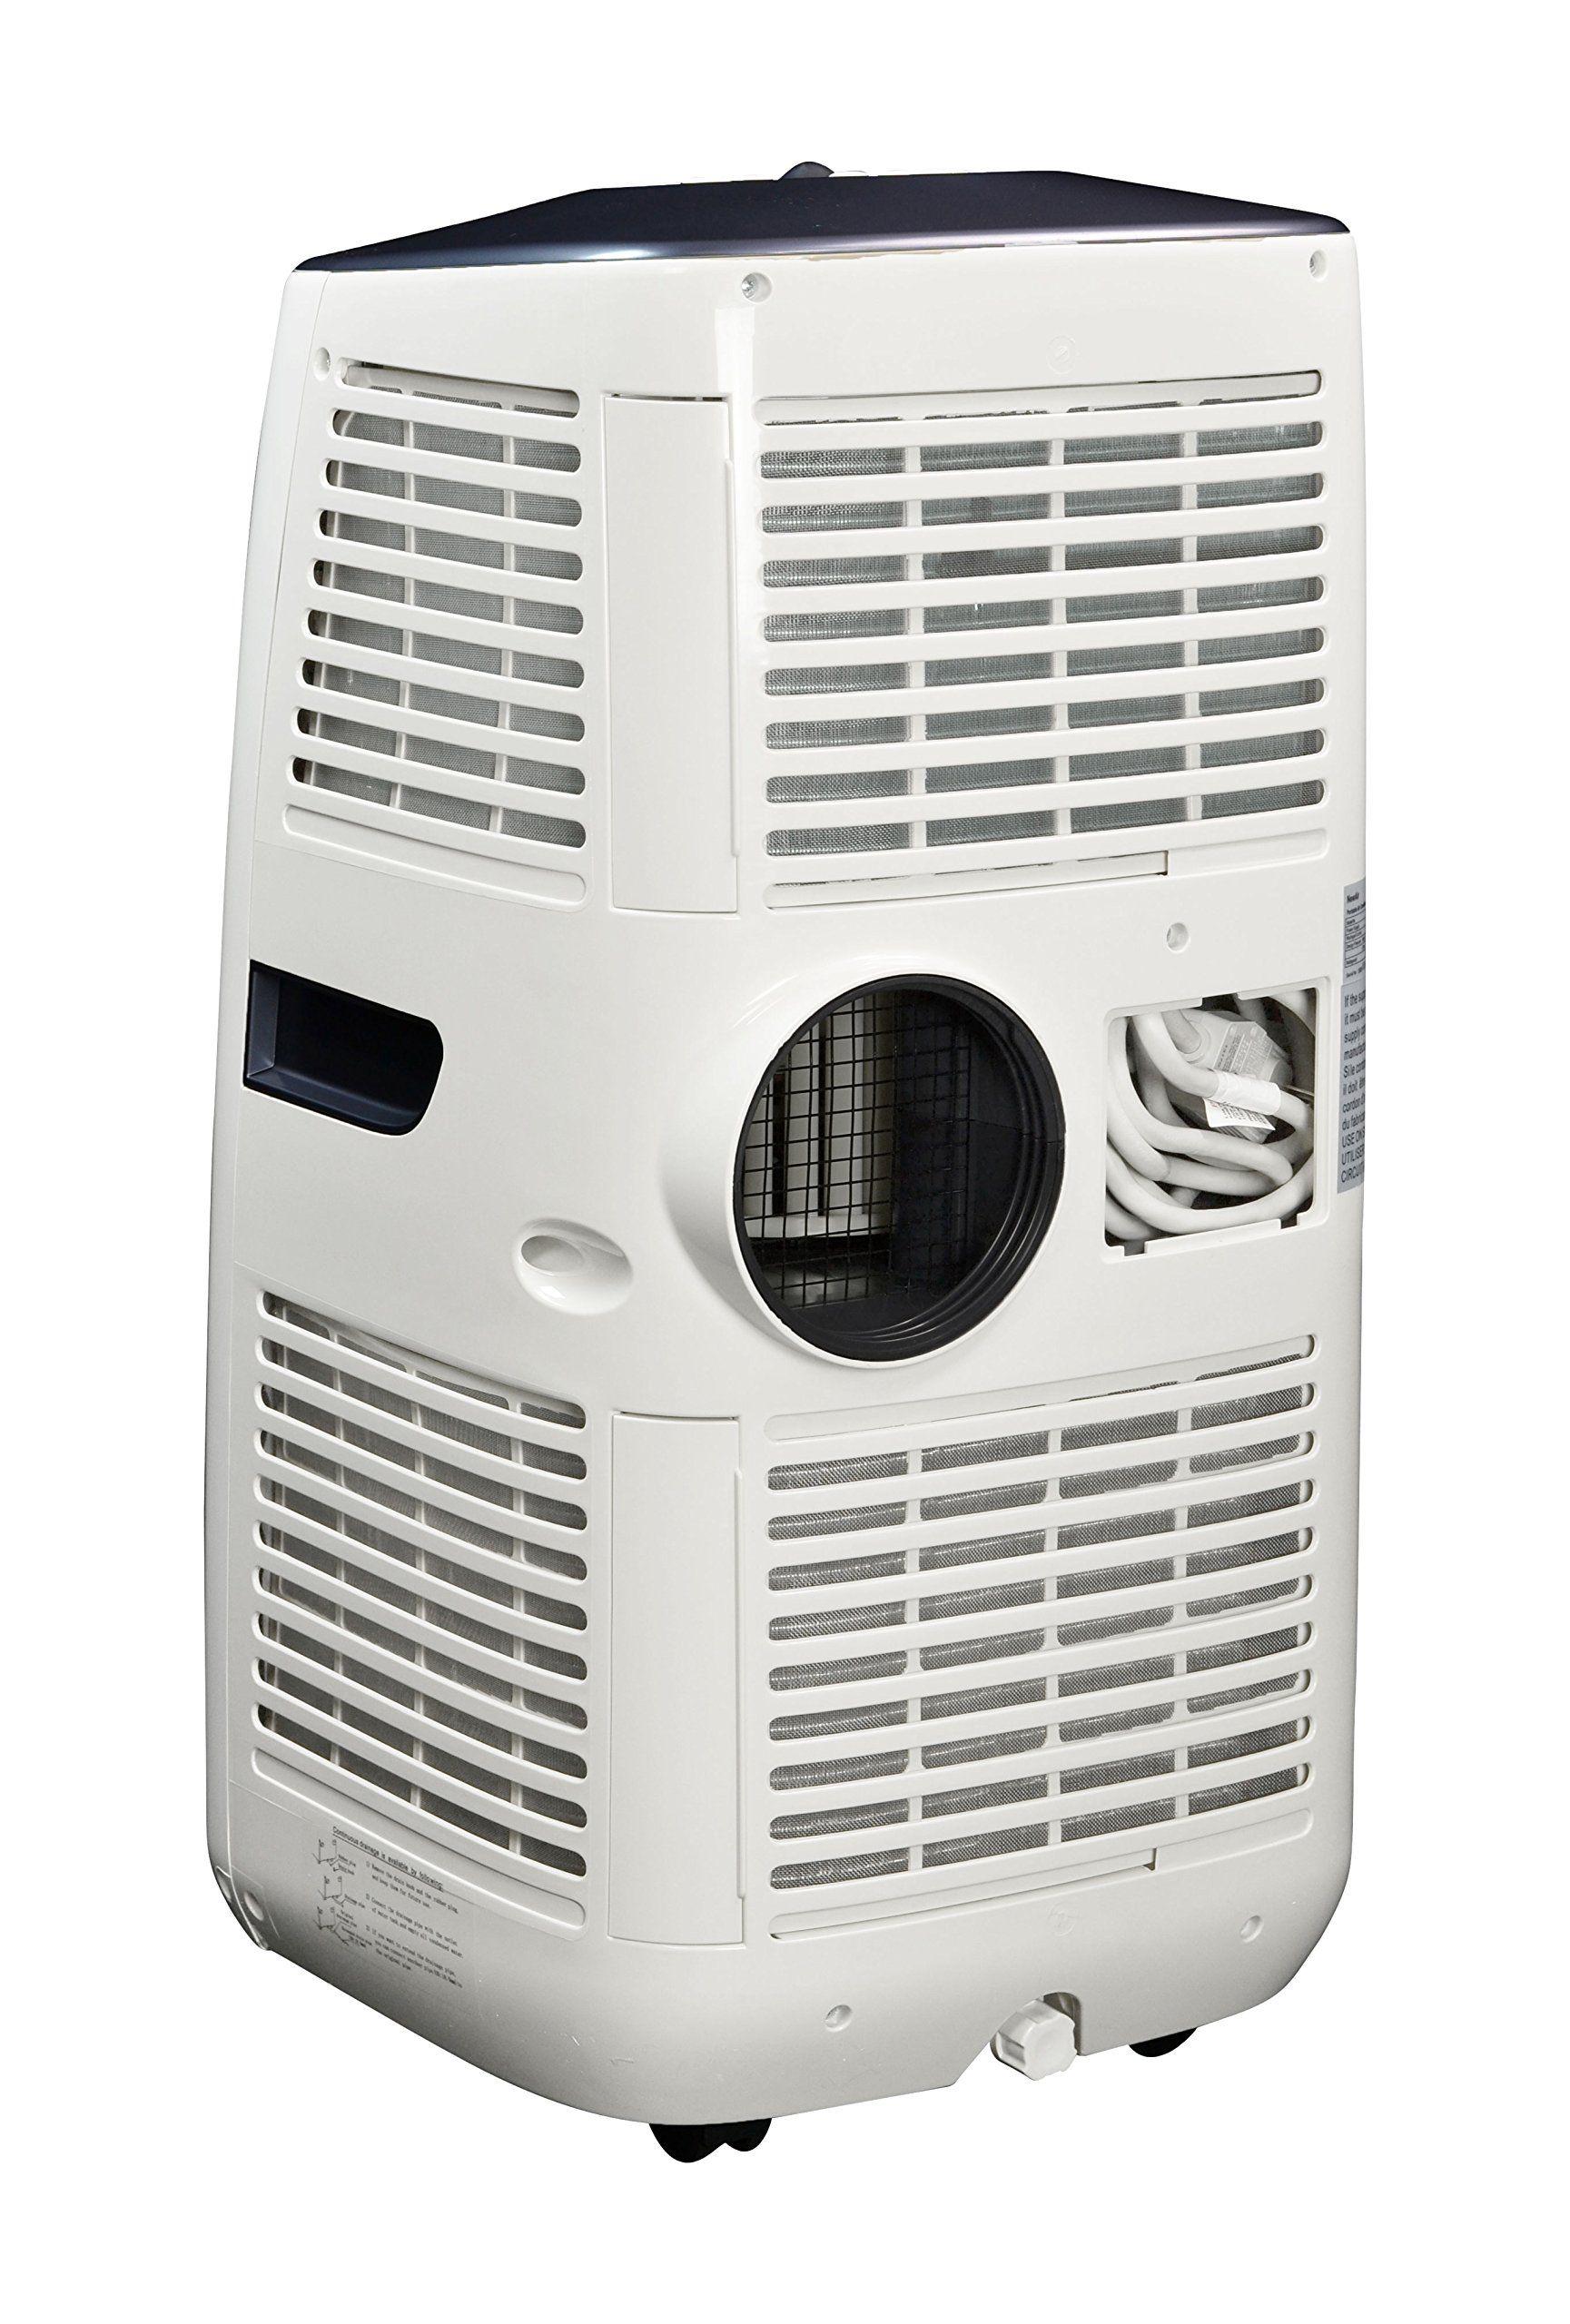 NewAir AC14100E Ultra Versatile 14000 BTU Portable Air Conditioner U003eu003eu003e  Check Out The Image